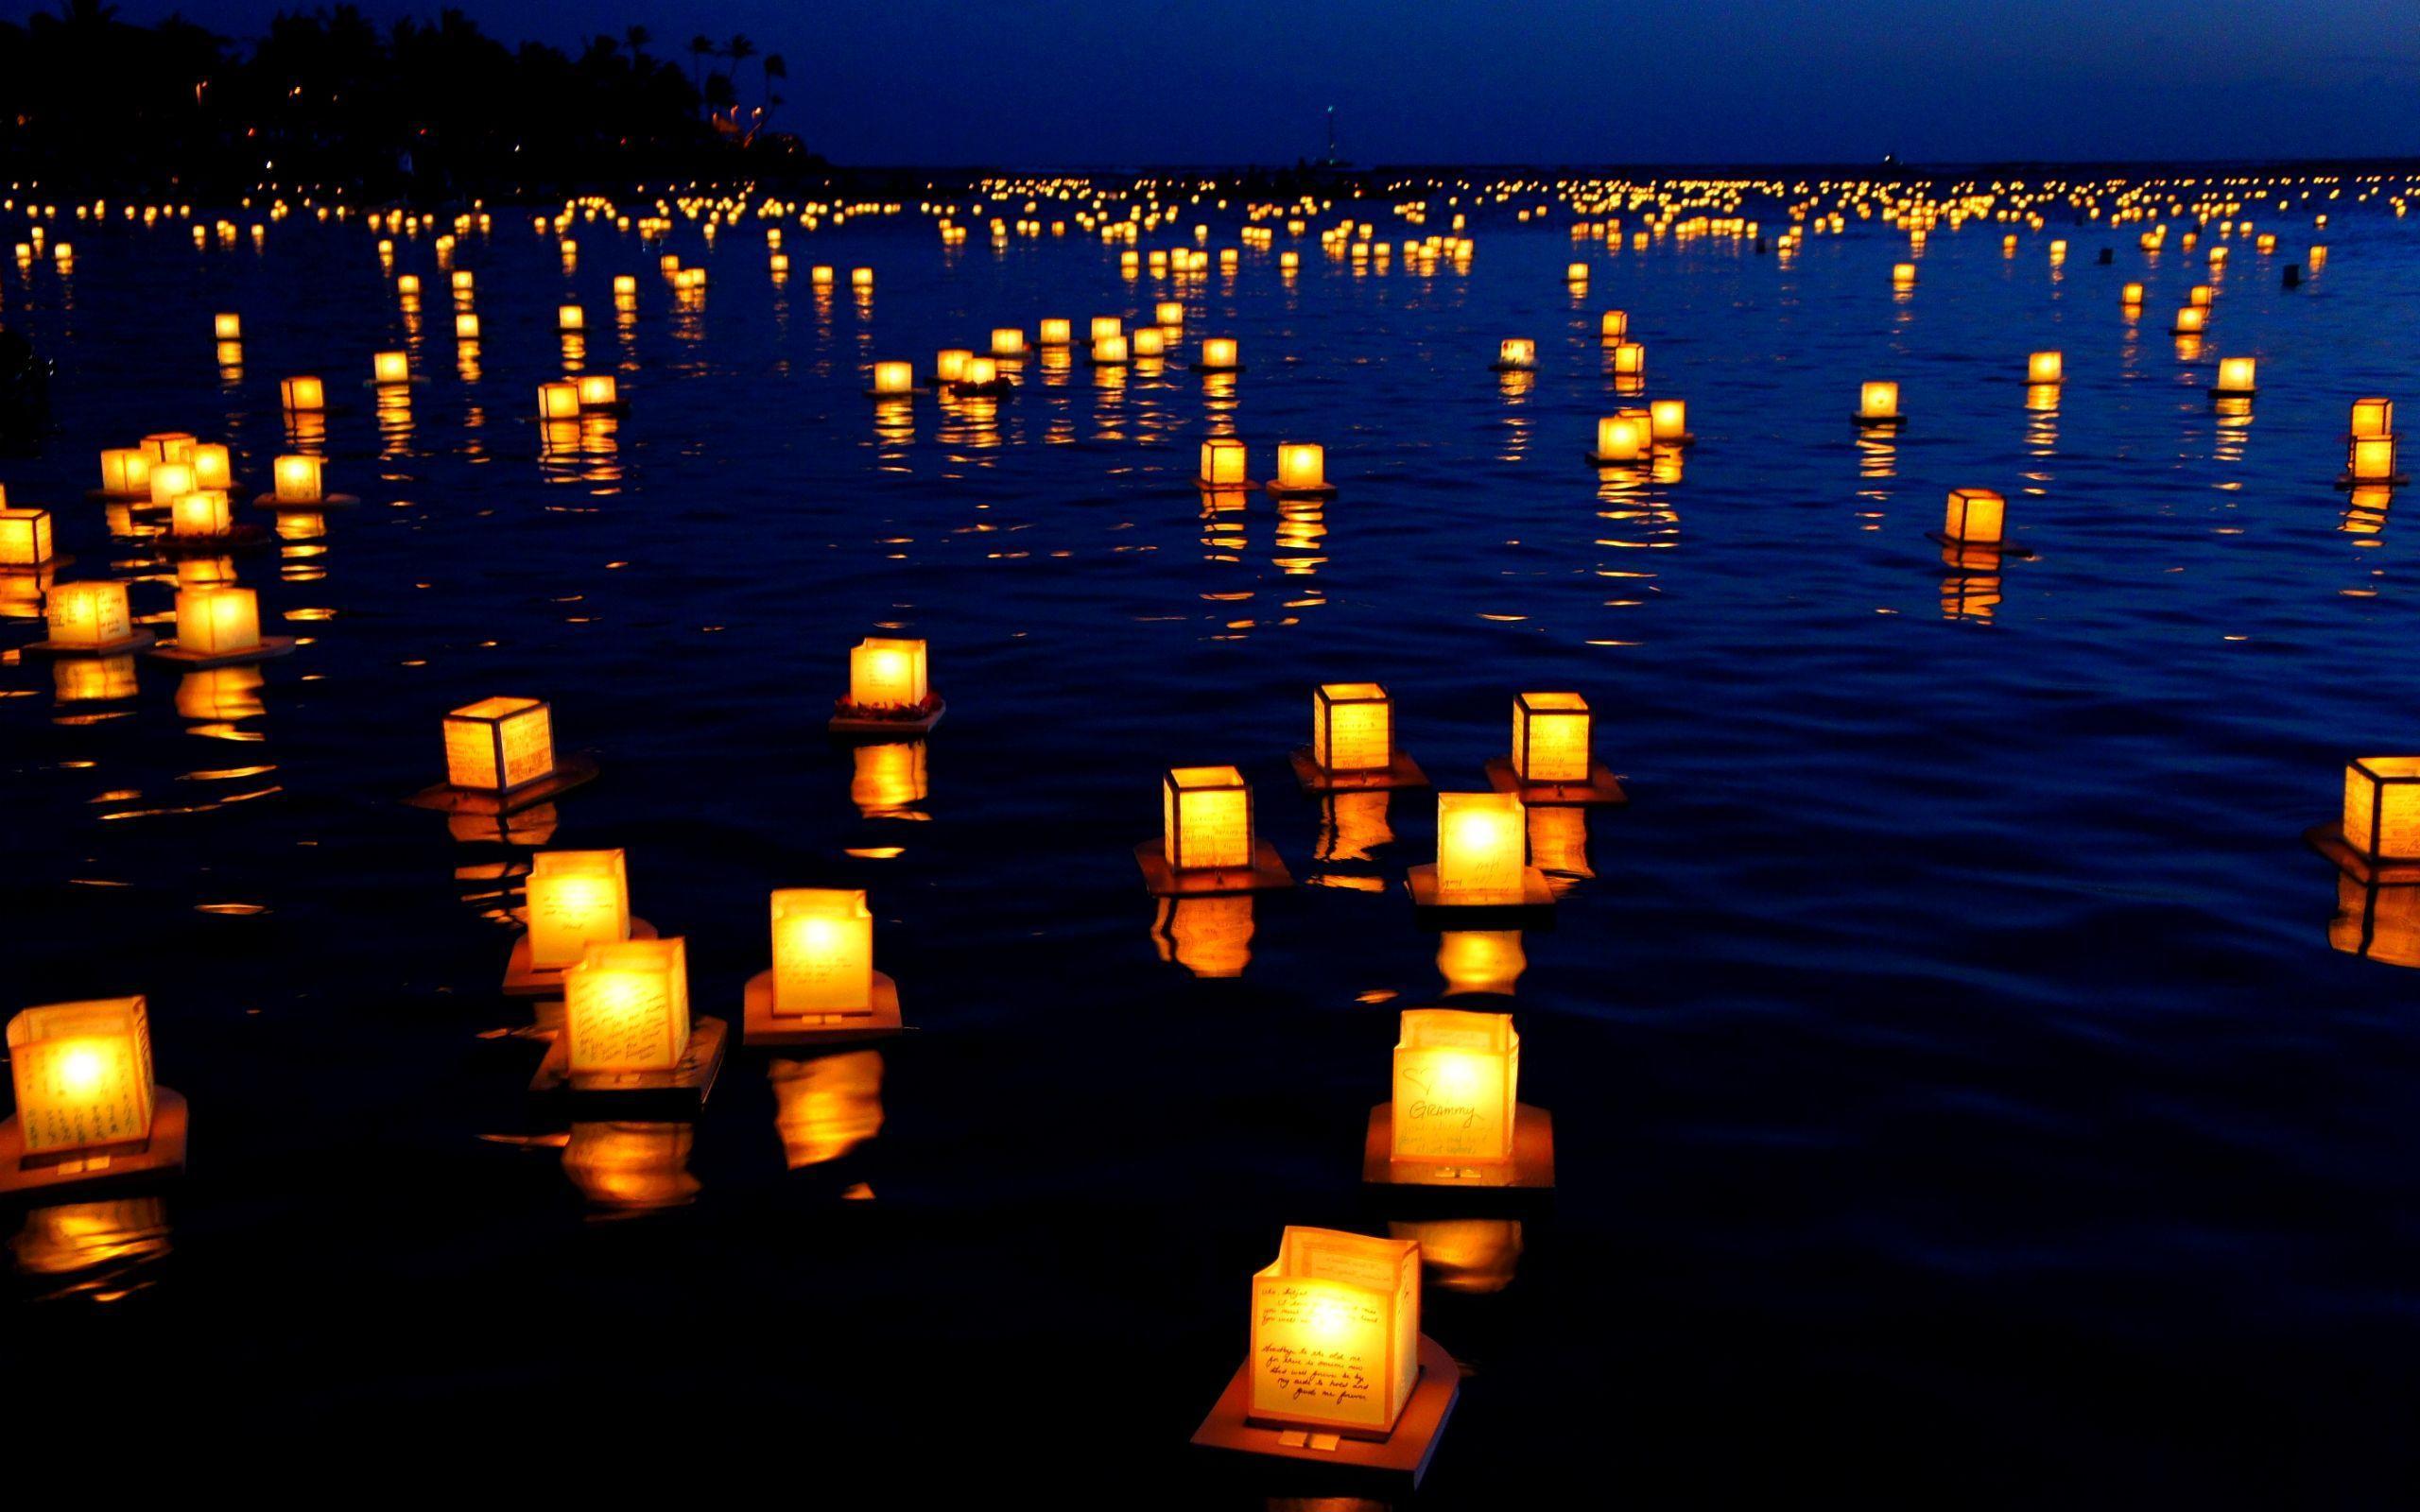 Chinese Lantern Wallpapers - Top Free Chinese Lantern